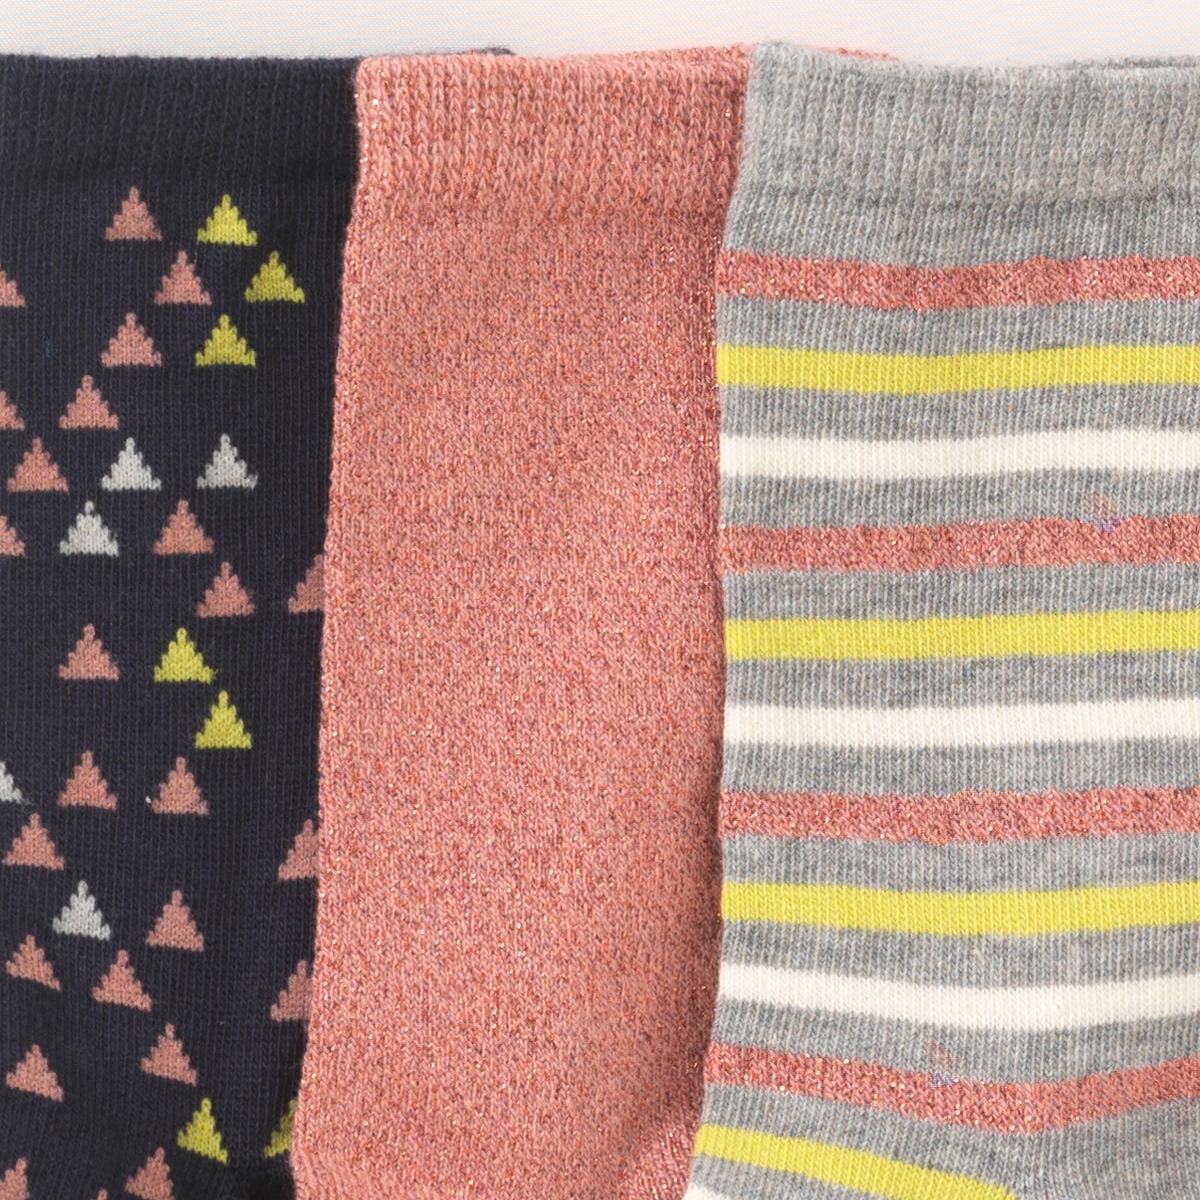 Носки оригинальные (комплект из 3 пар)Носки с геометрическими мотивами  . В комплекте 3 пары носков.Состав и описание : Материал      74% хлопка (и металлизированные волокна), 25% полиамида, 1% эластана Марка      abcdRУход :Ручная стирка.Машинная сушка запрещена.Не гладить.<br><br>Цвет: набивной рисунок